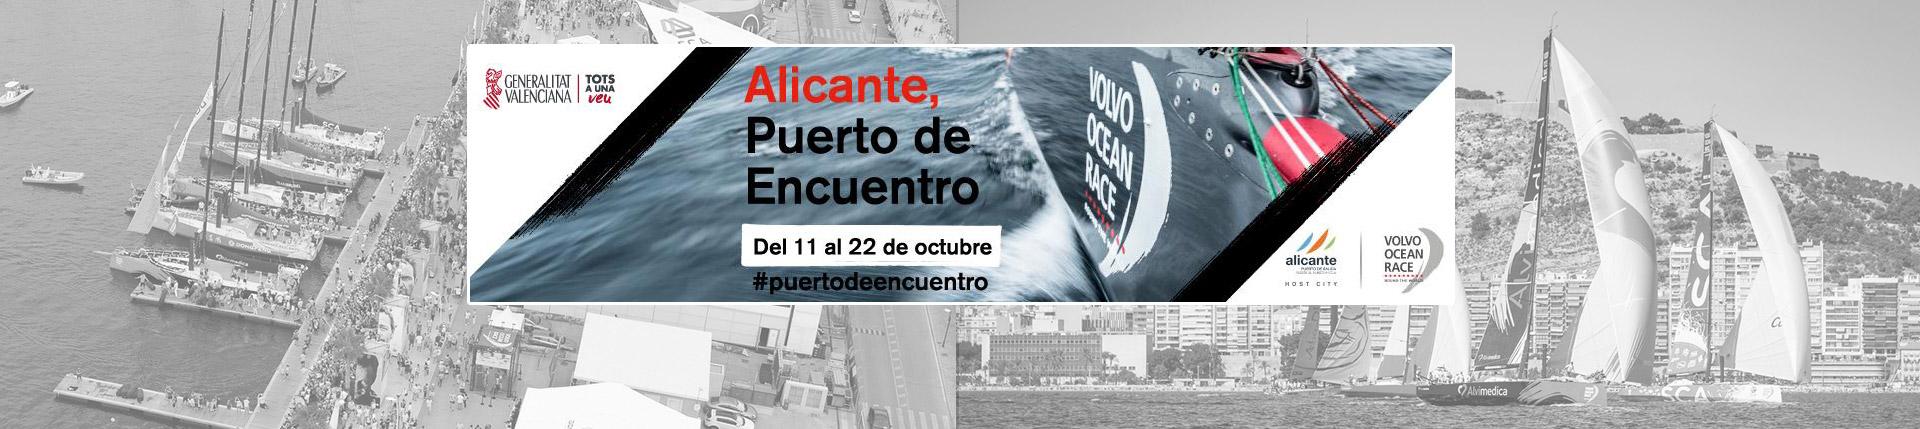 Alicante Volvo Ocean Race